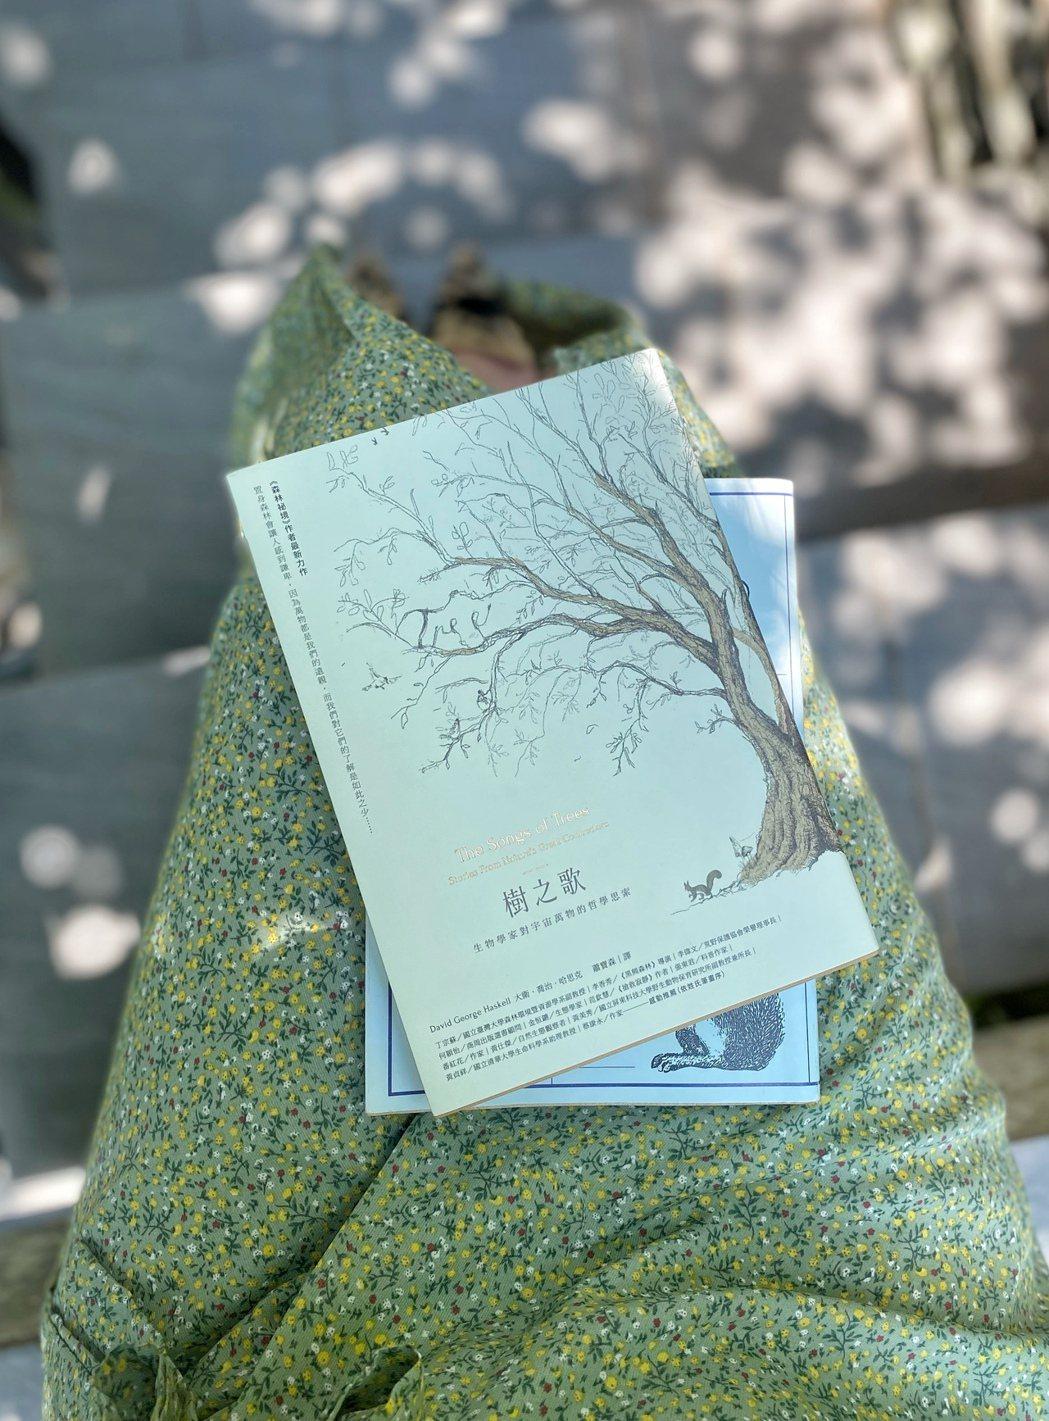 《樹之歌》是Yuty接觸到的第一本純文學植物書籍,每次閱讀都產生不同的體悟。 圖...